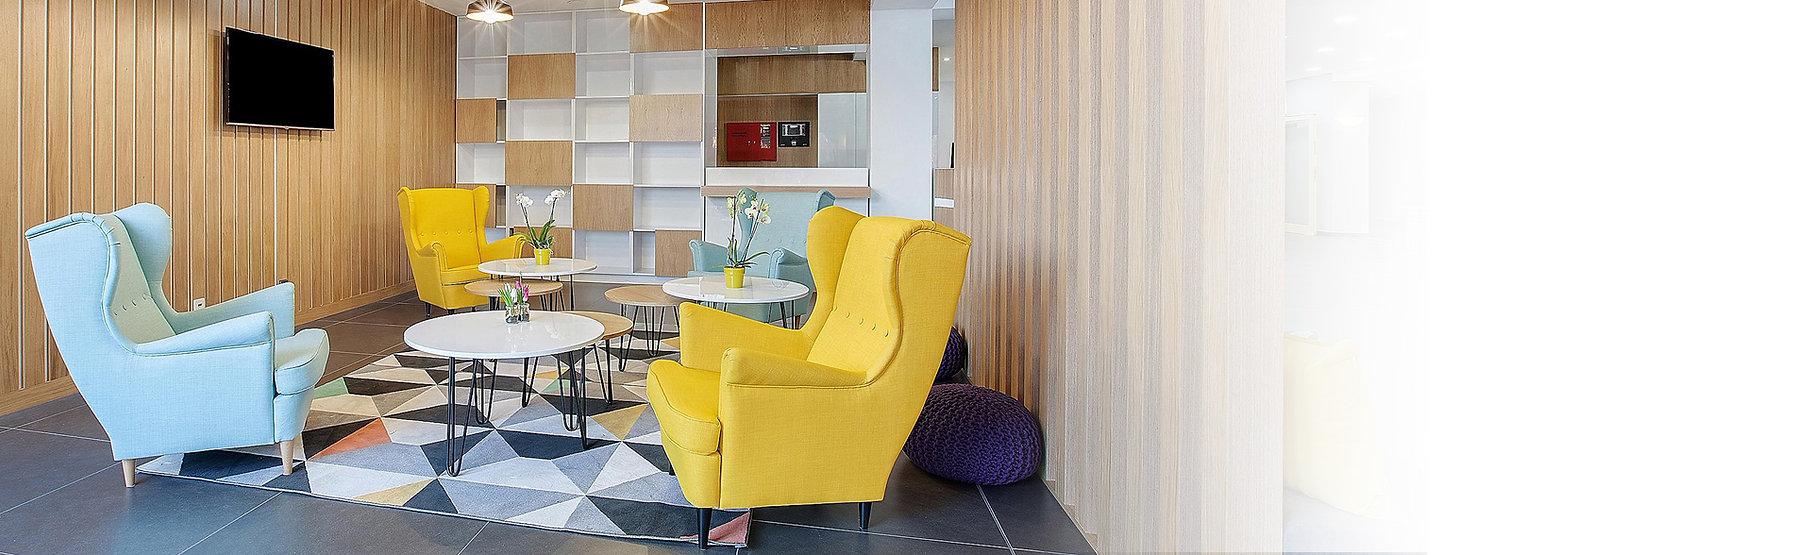 projects-berlin-lobby.jpg